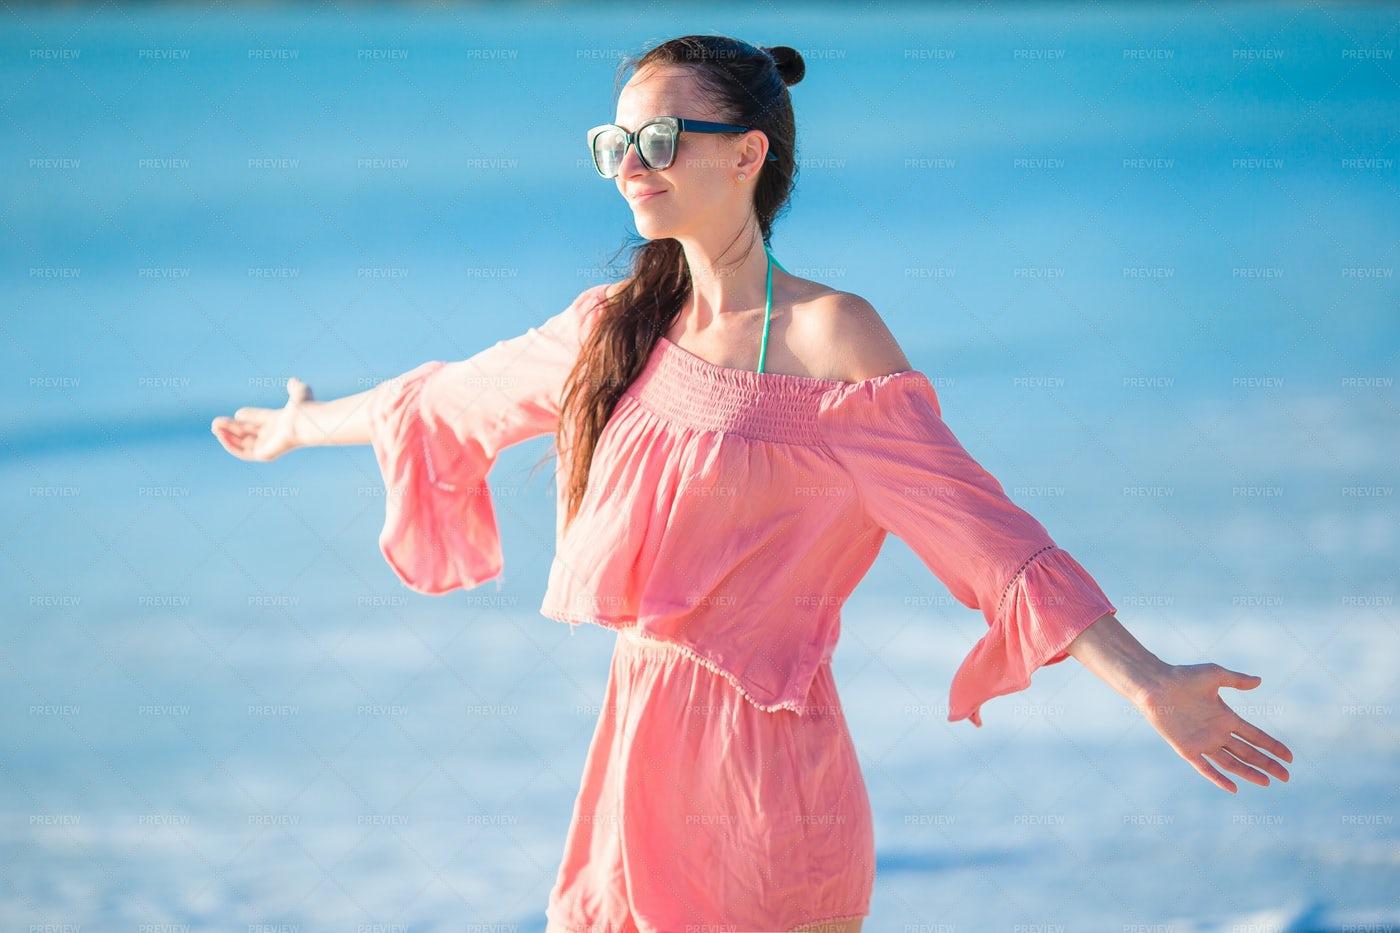 Woman On The Beach: Stock Photos